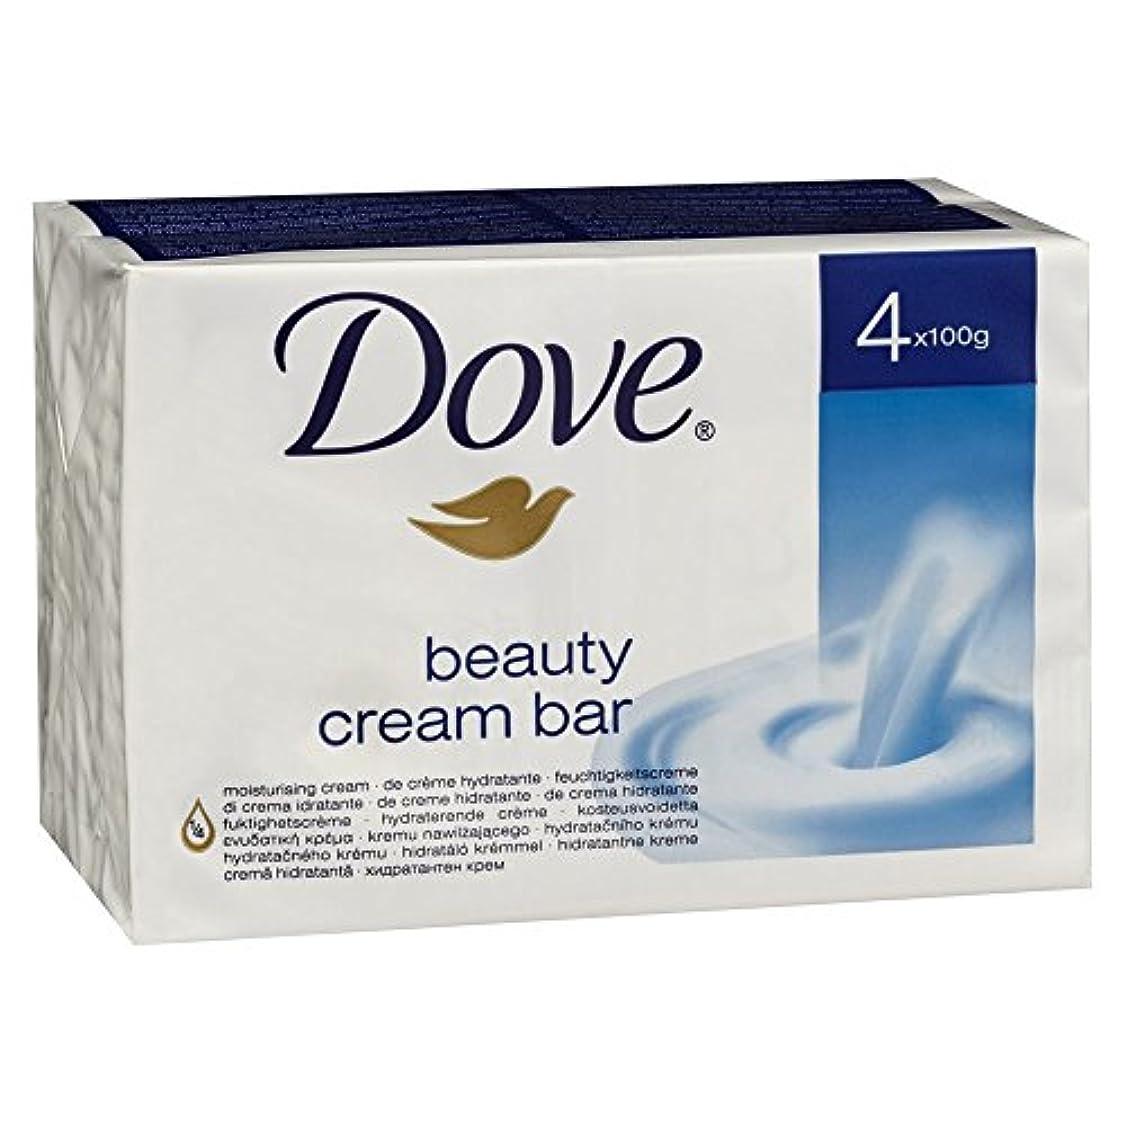 石化するシチリア乳白色Dove どこ美容クリームバー石鹸4x100g